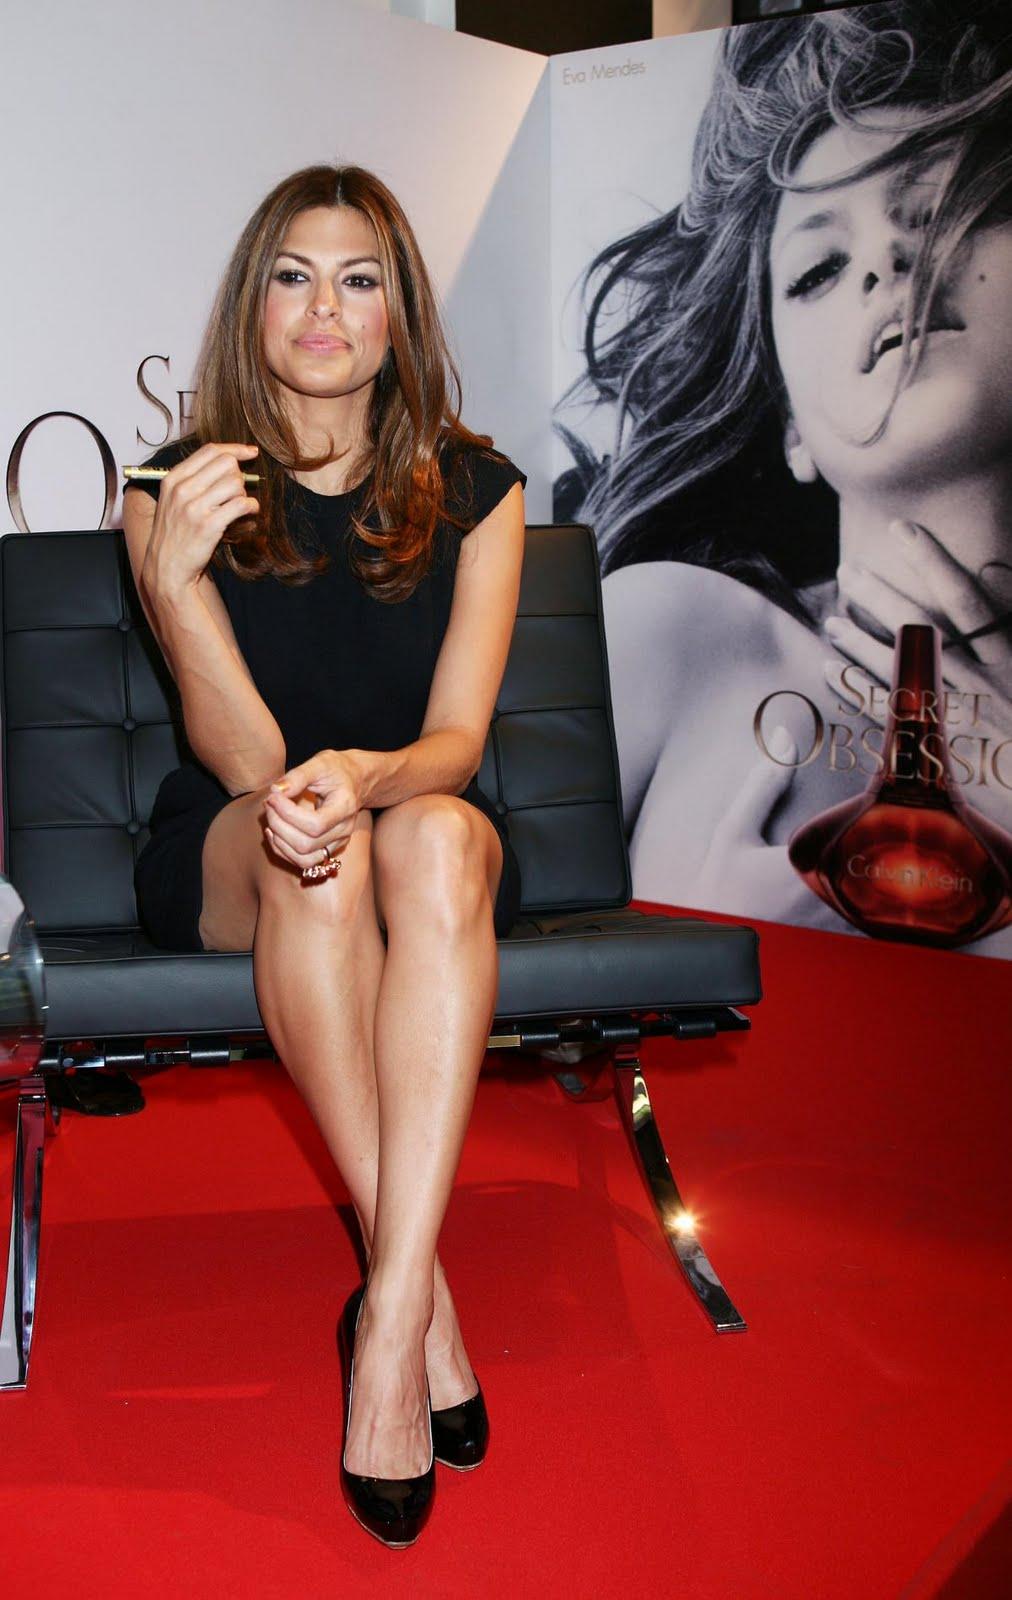 Eva Mendes hot picture